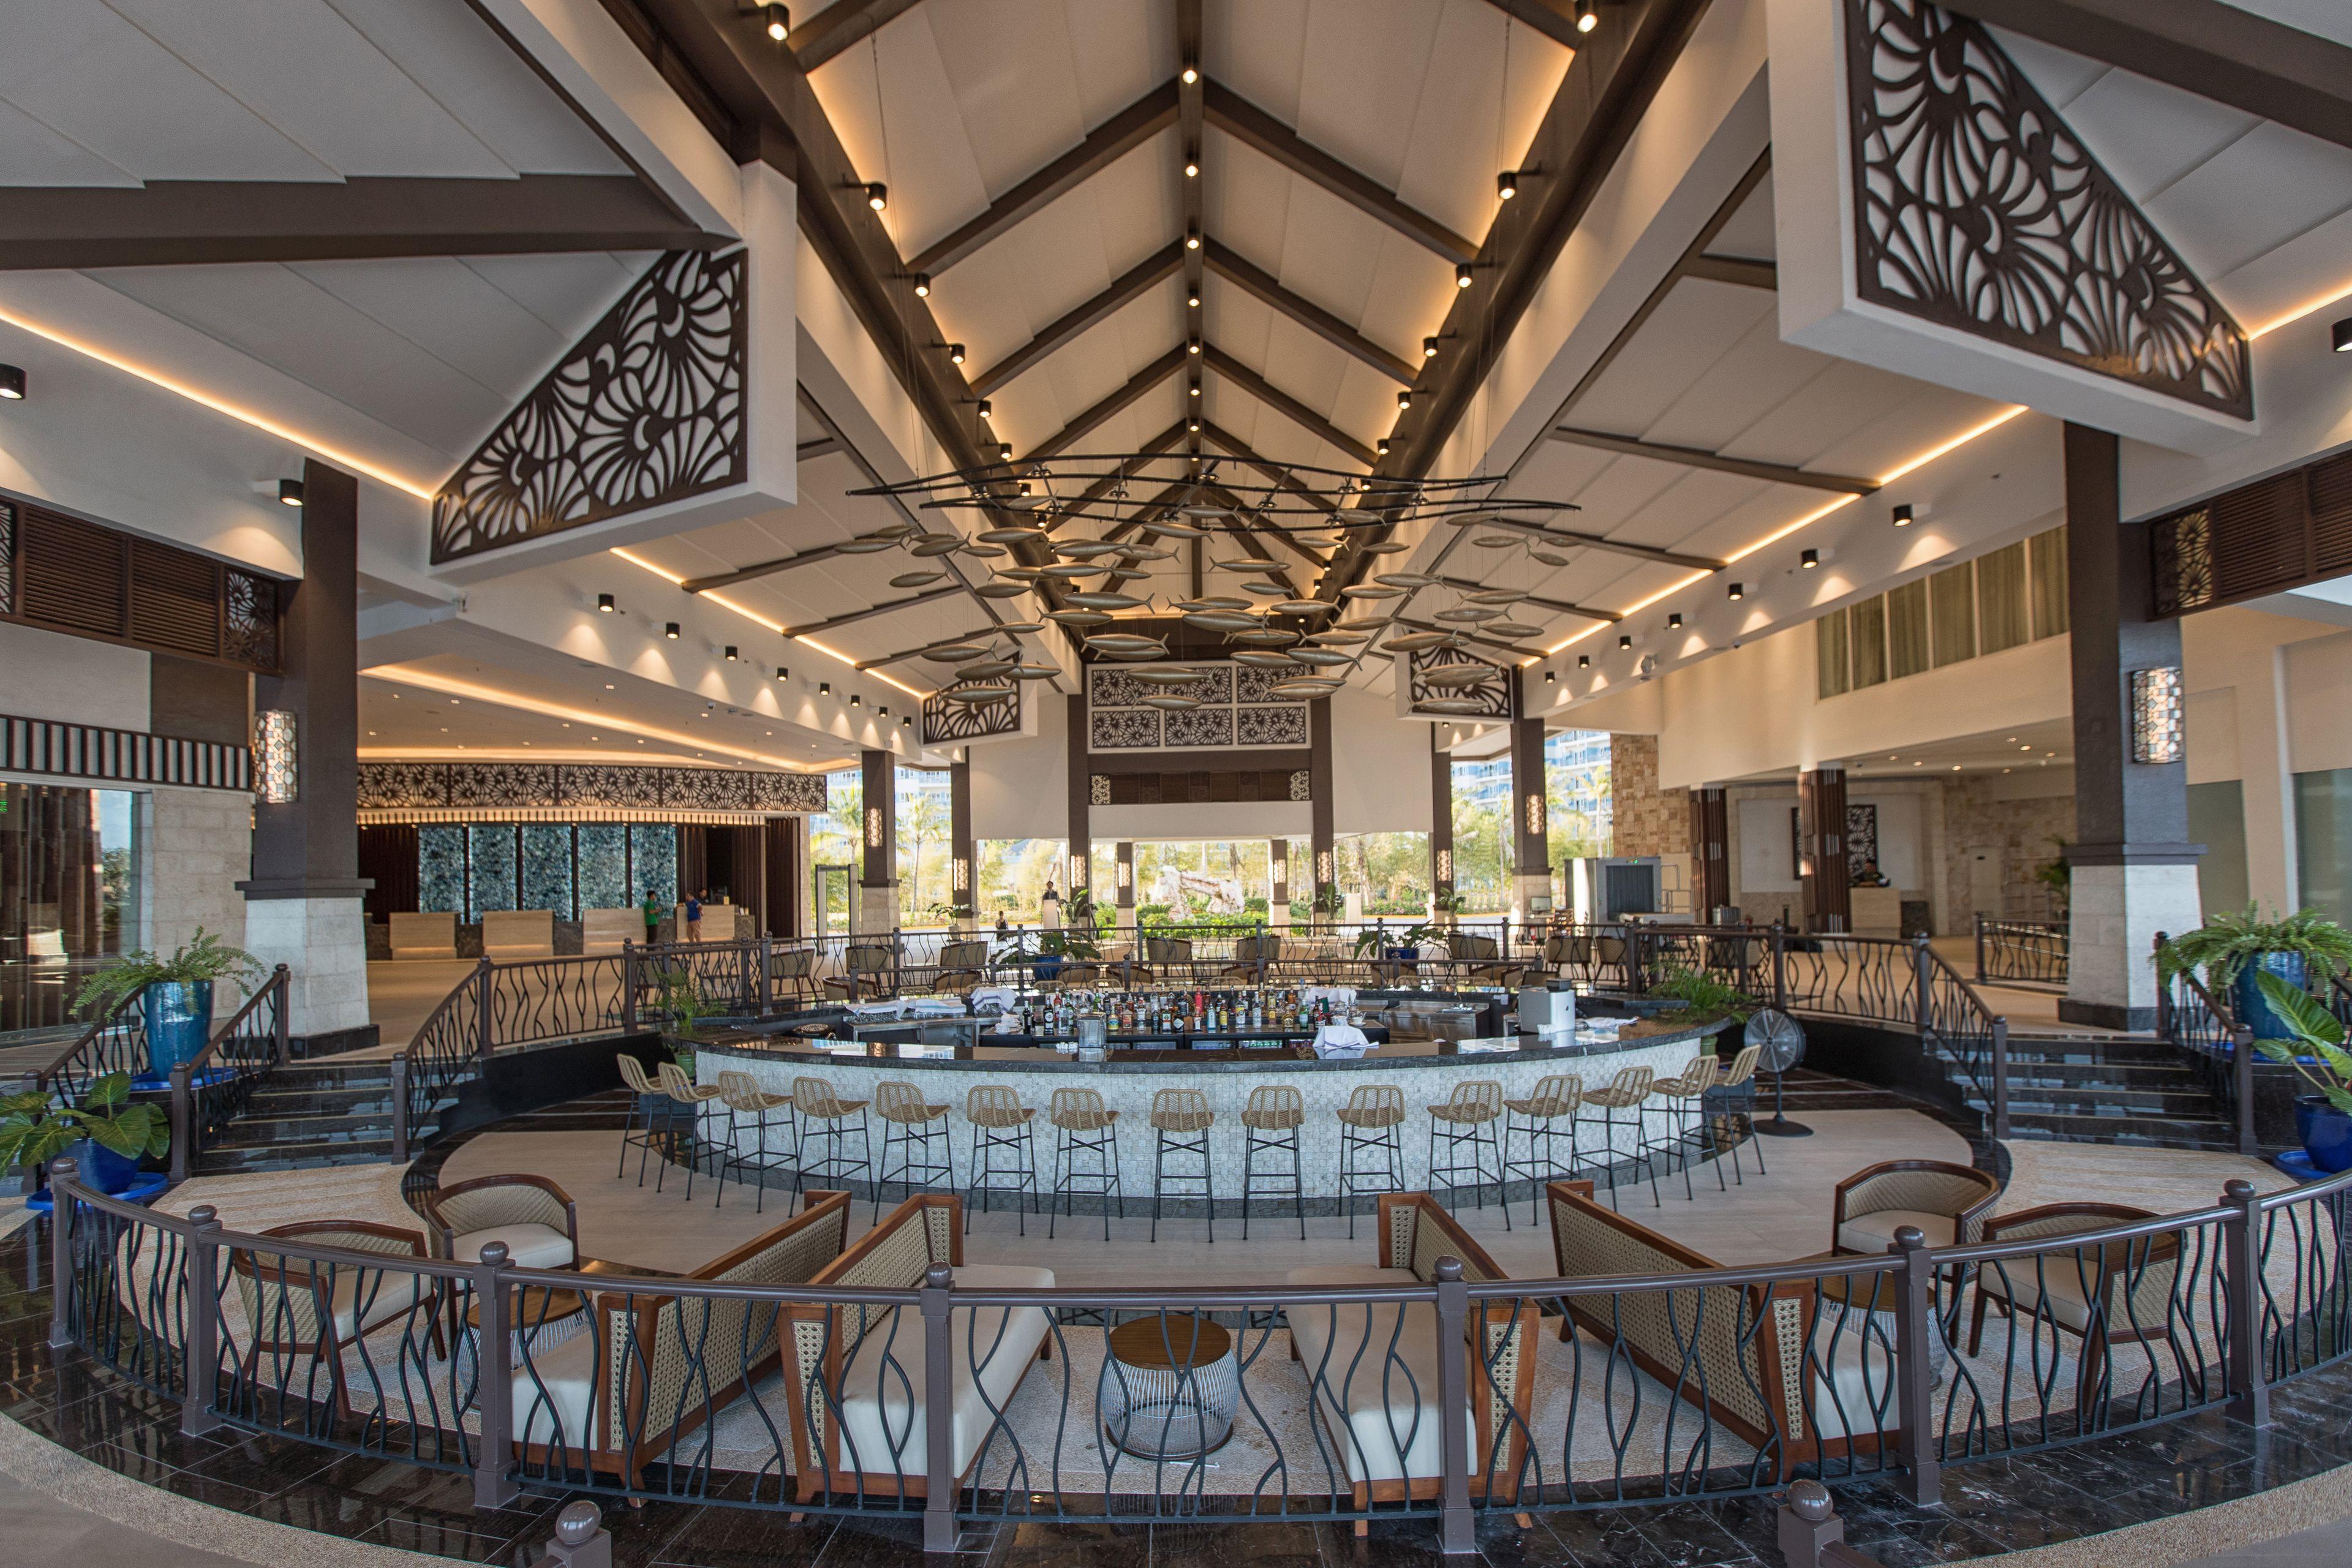 Courtesy of Dusit Thani Mactan Cebu Resort / Expedia